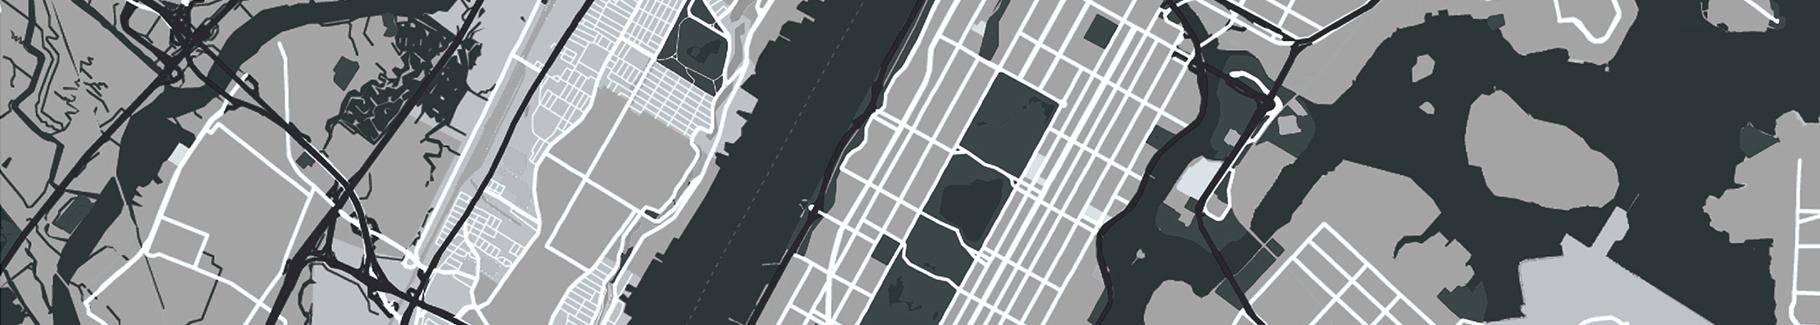 Poster Plan von Manhattan